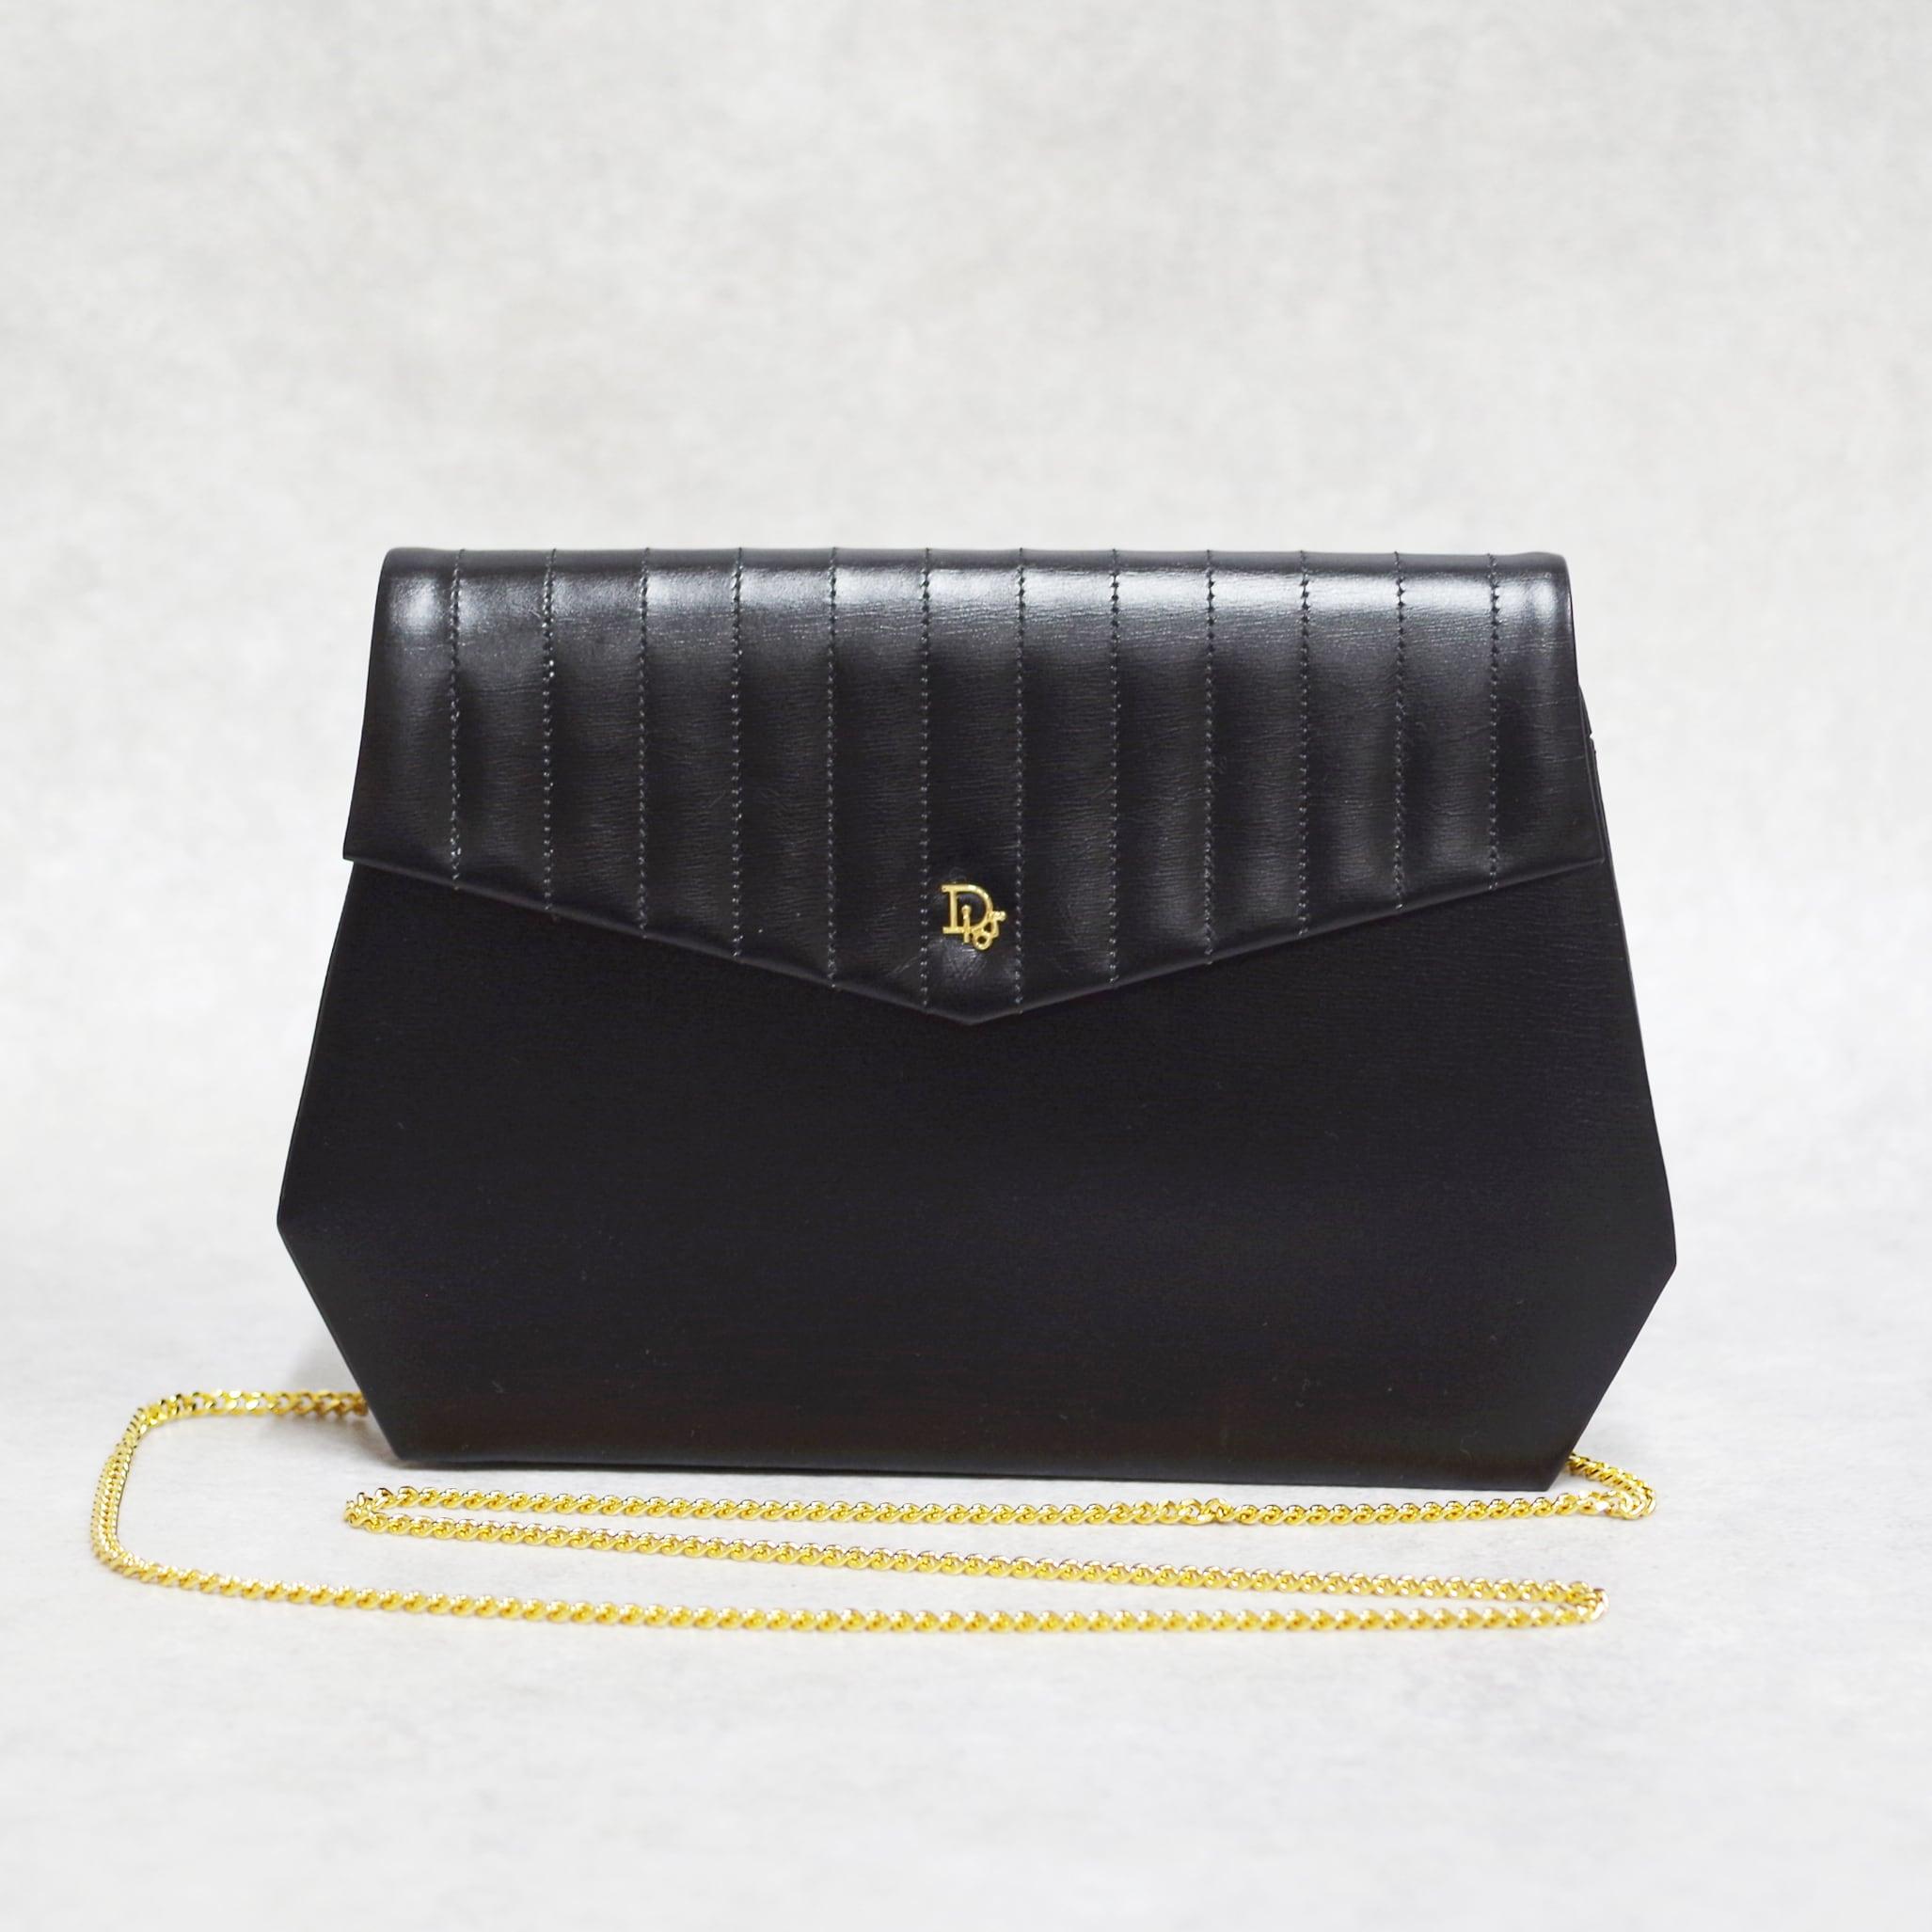 Christian Dior ディオール ショルダーバッグ レザー ブラック